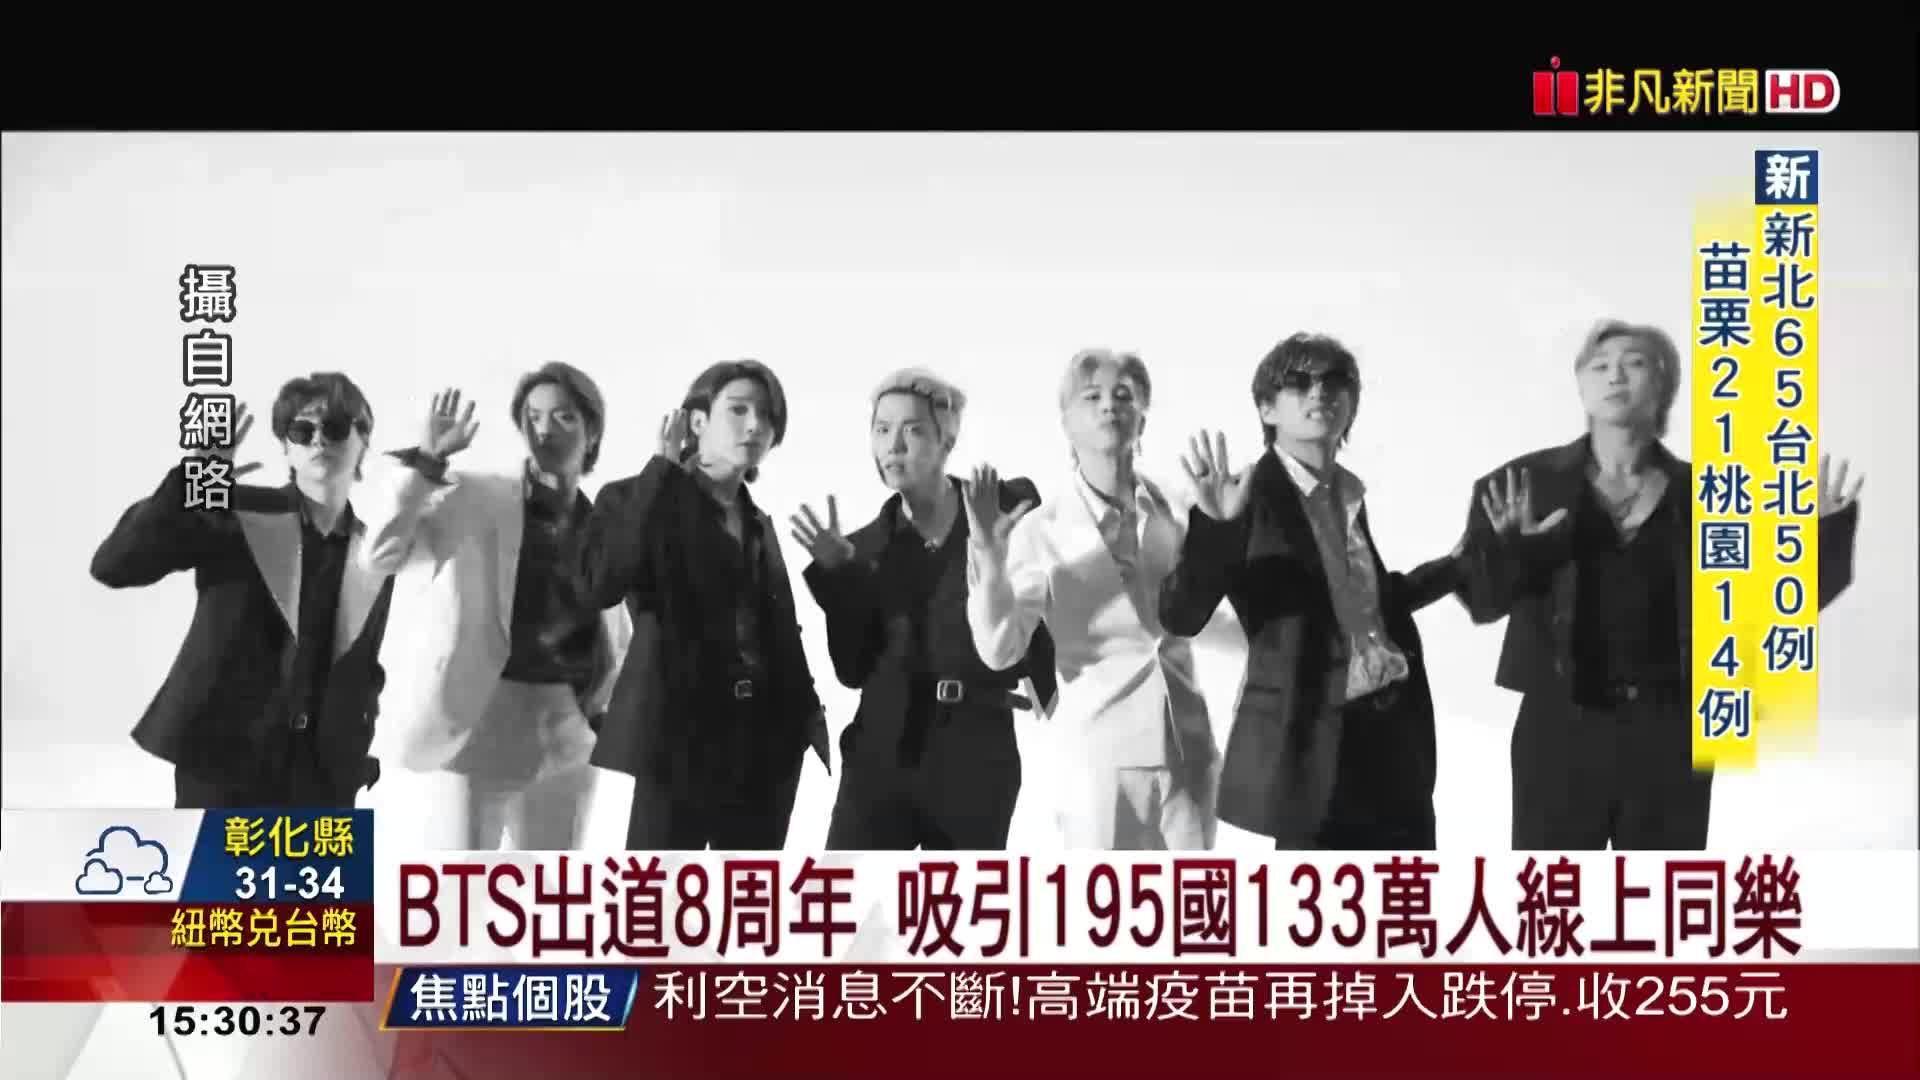 BTS席捲全球 母公司Hybe市值飆破98億美元